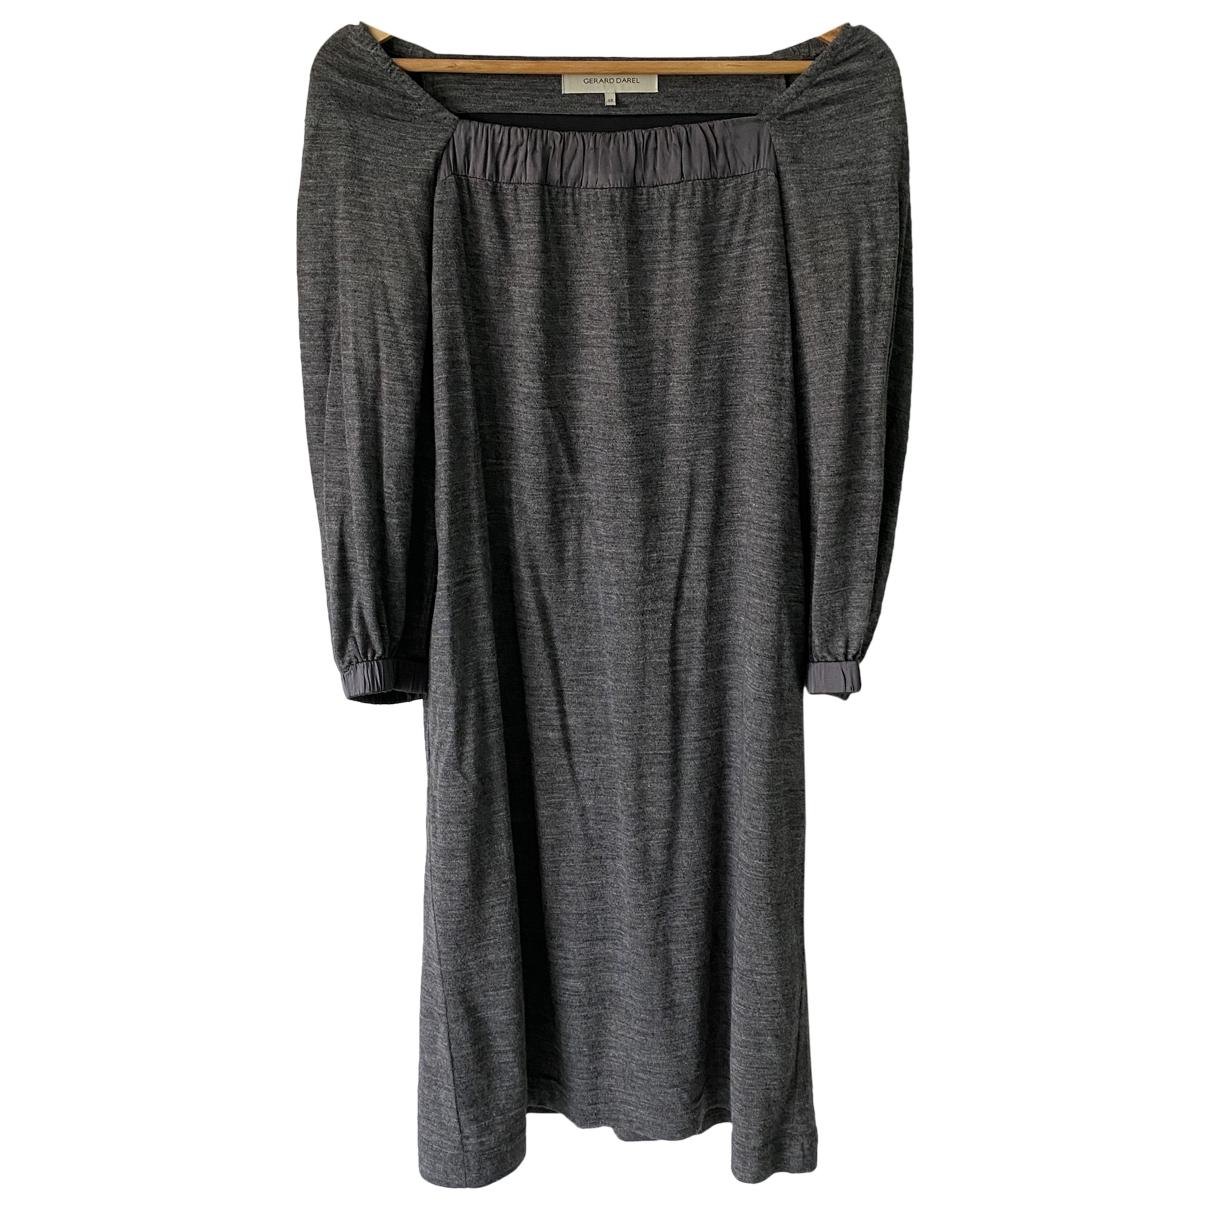 Gerard Darel \N Kleid in  Grau Wolle